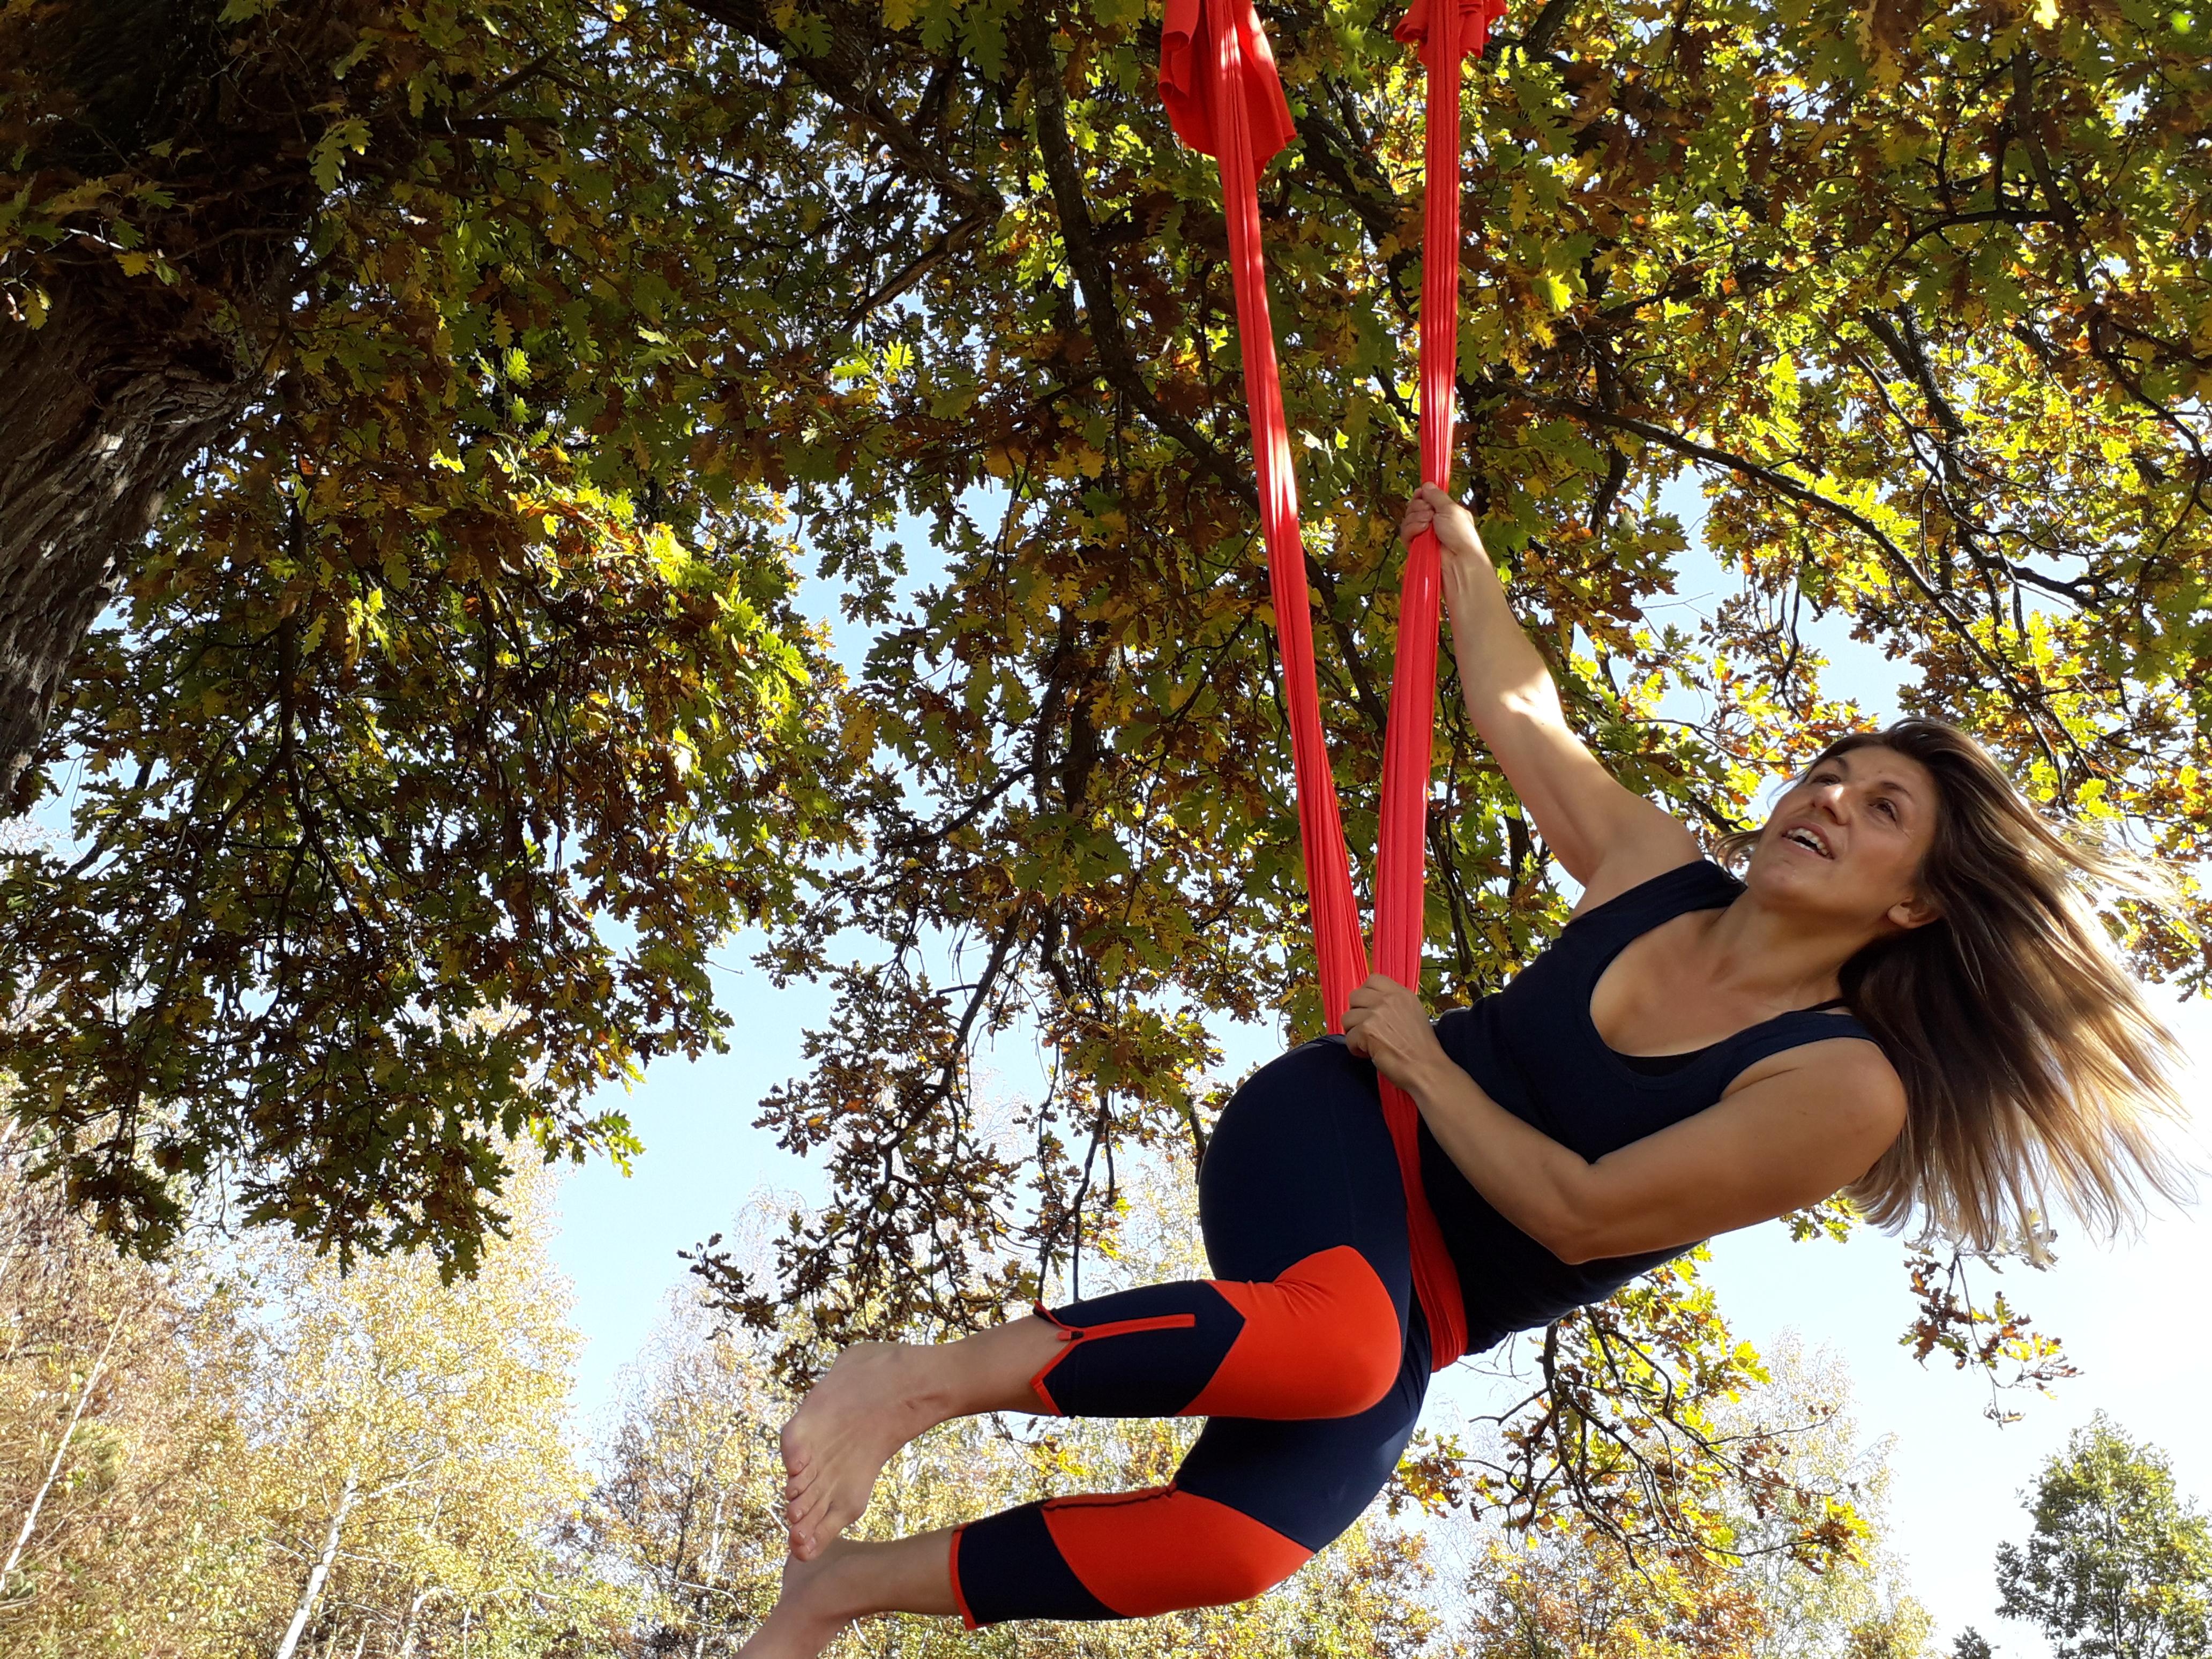 Lebdeća joga u prirodi